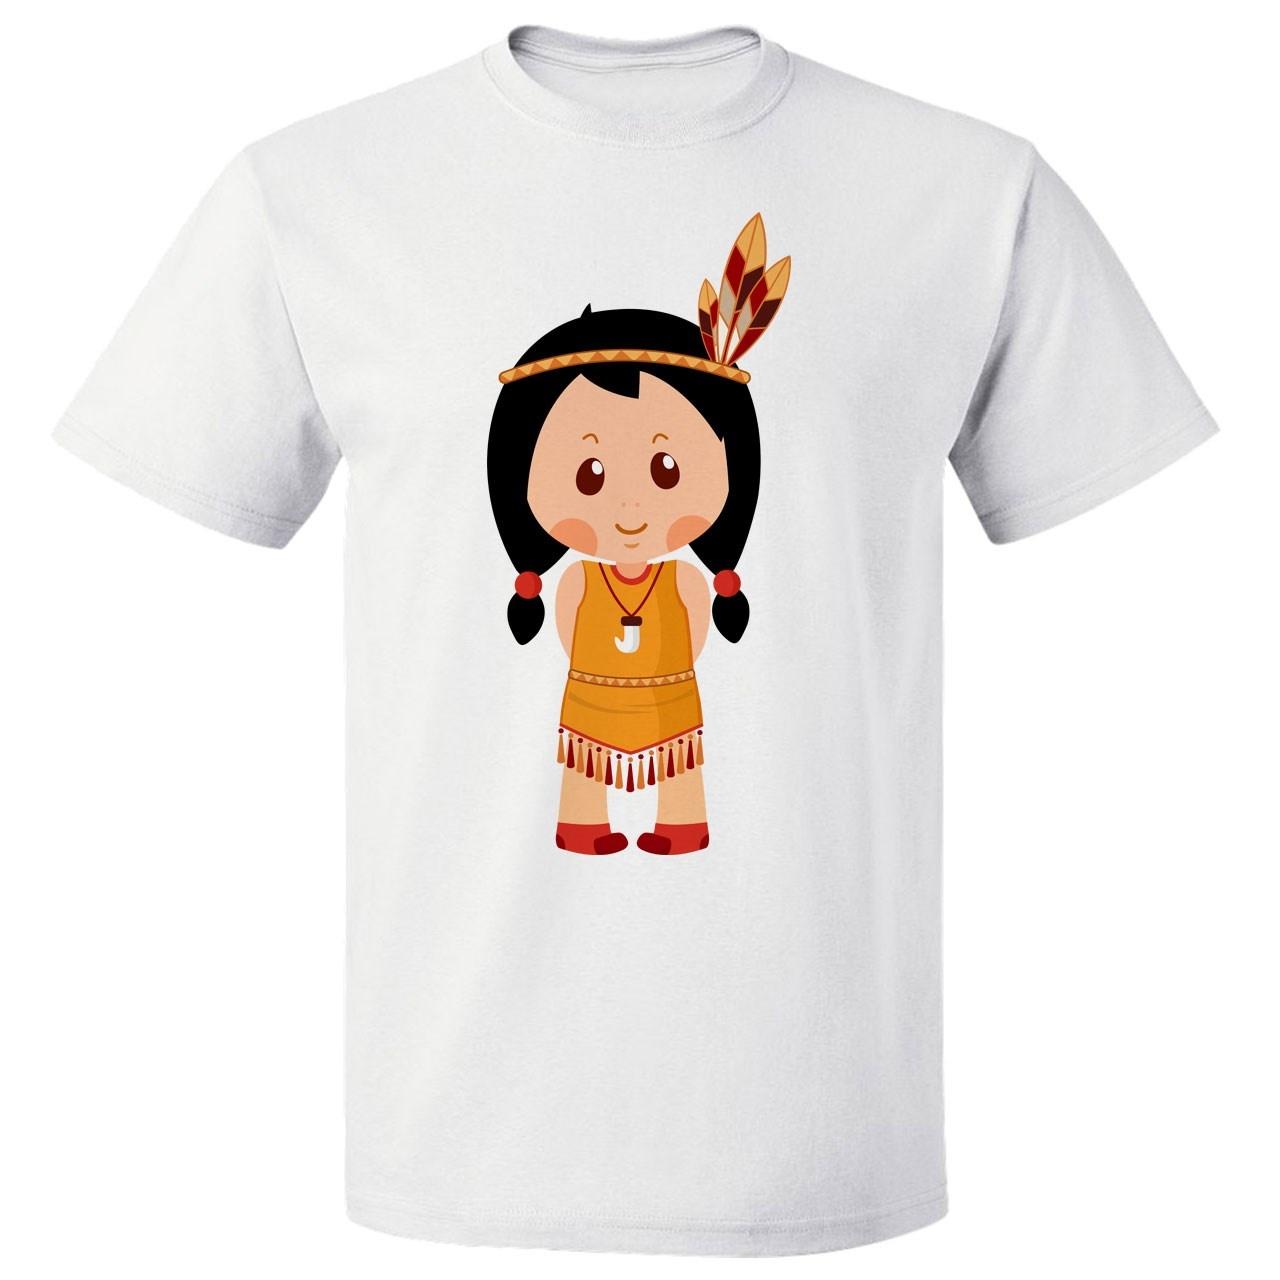 تی شرت پارس طرح کارتونی دختر سرخ پوست کد 7119